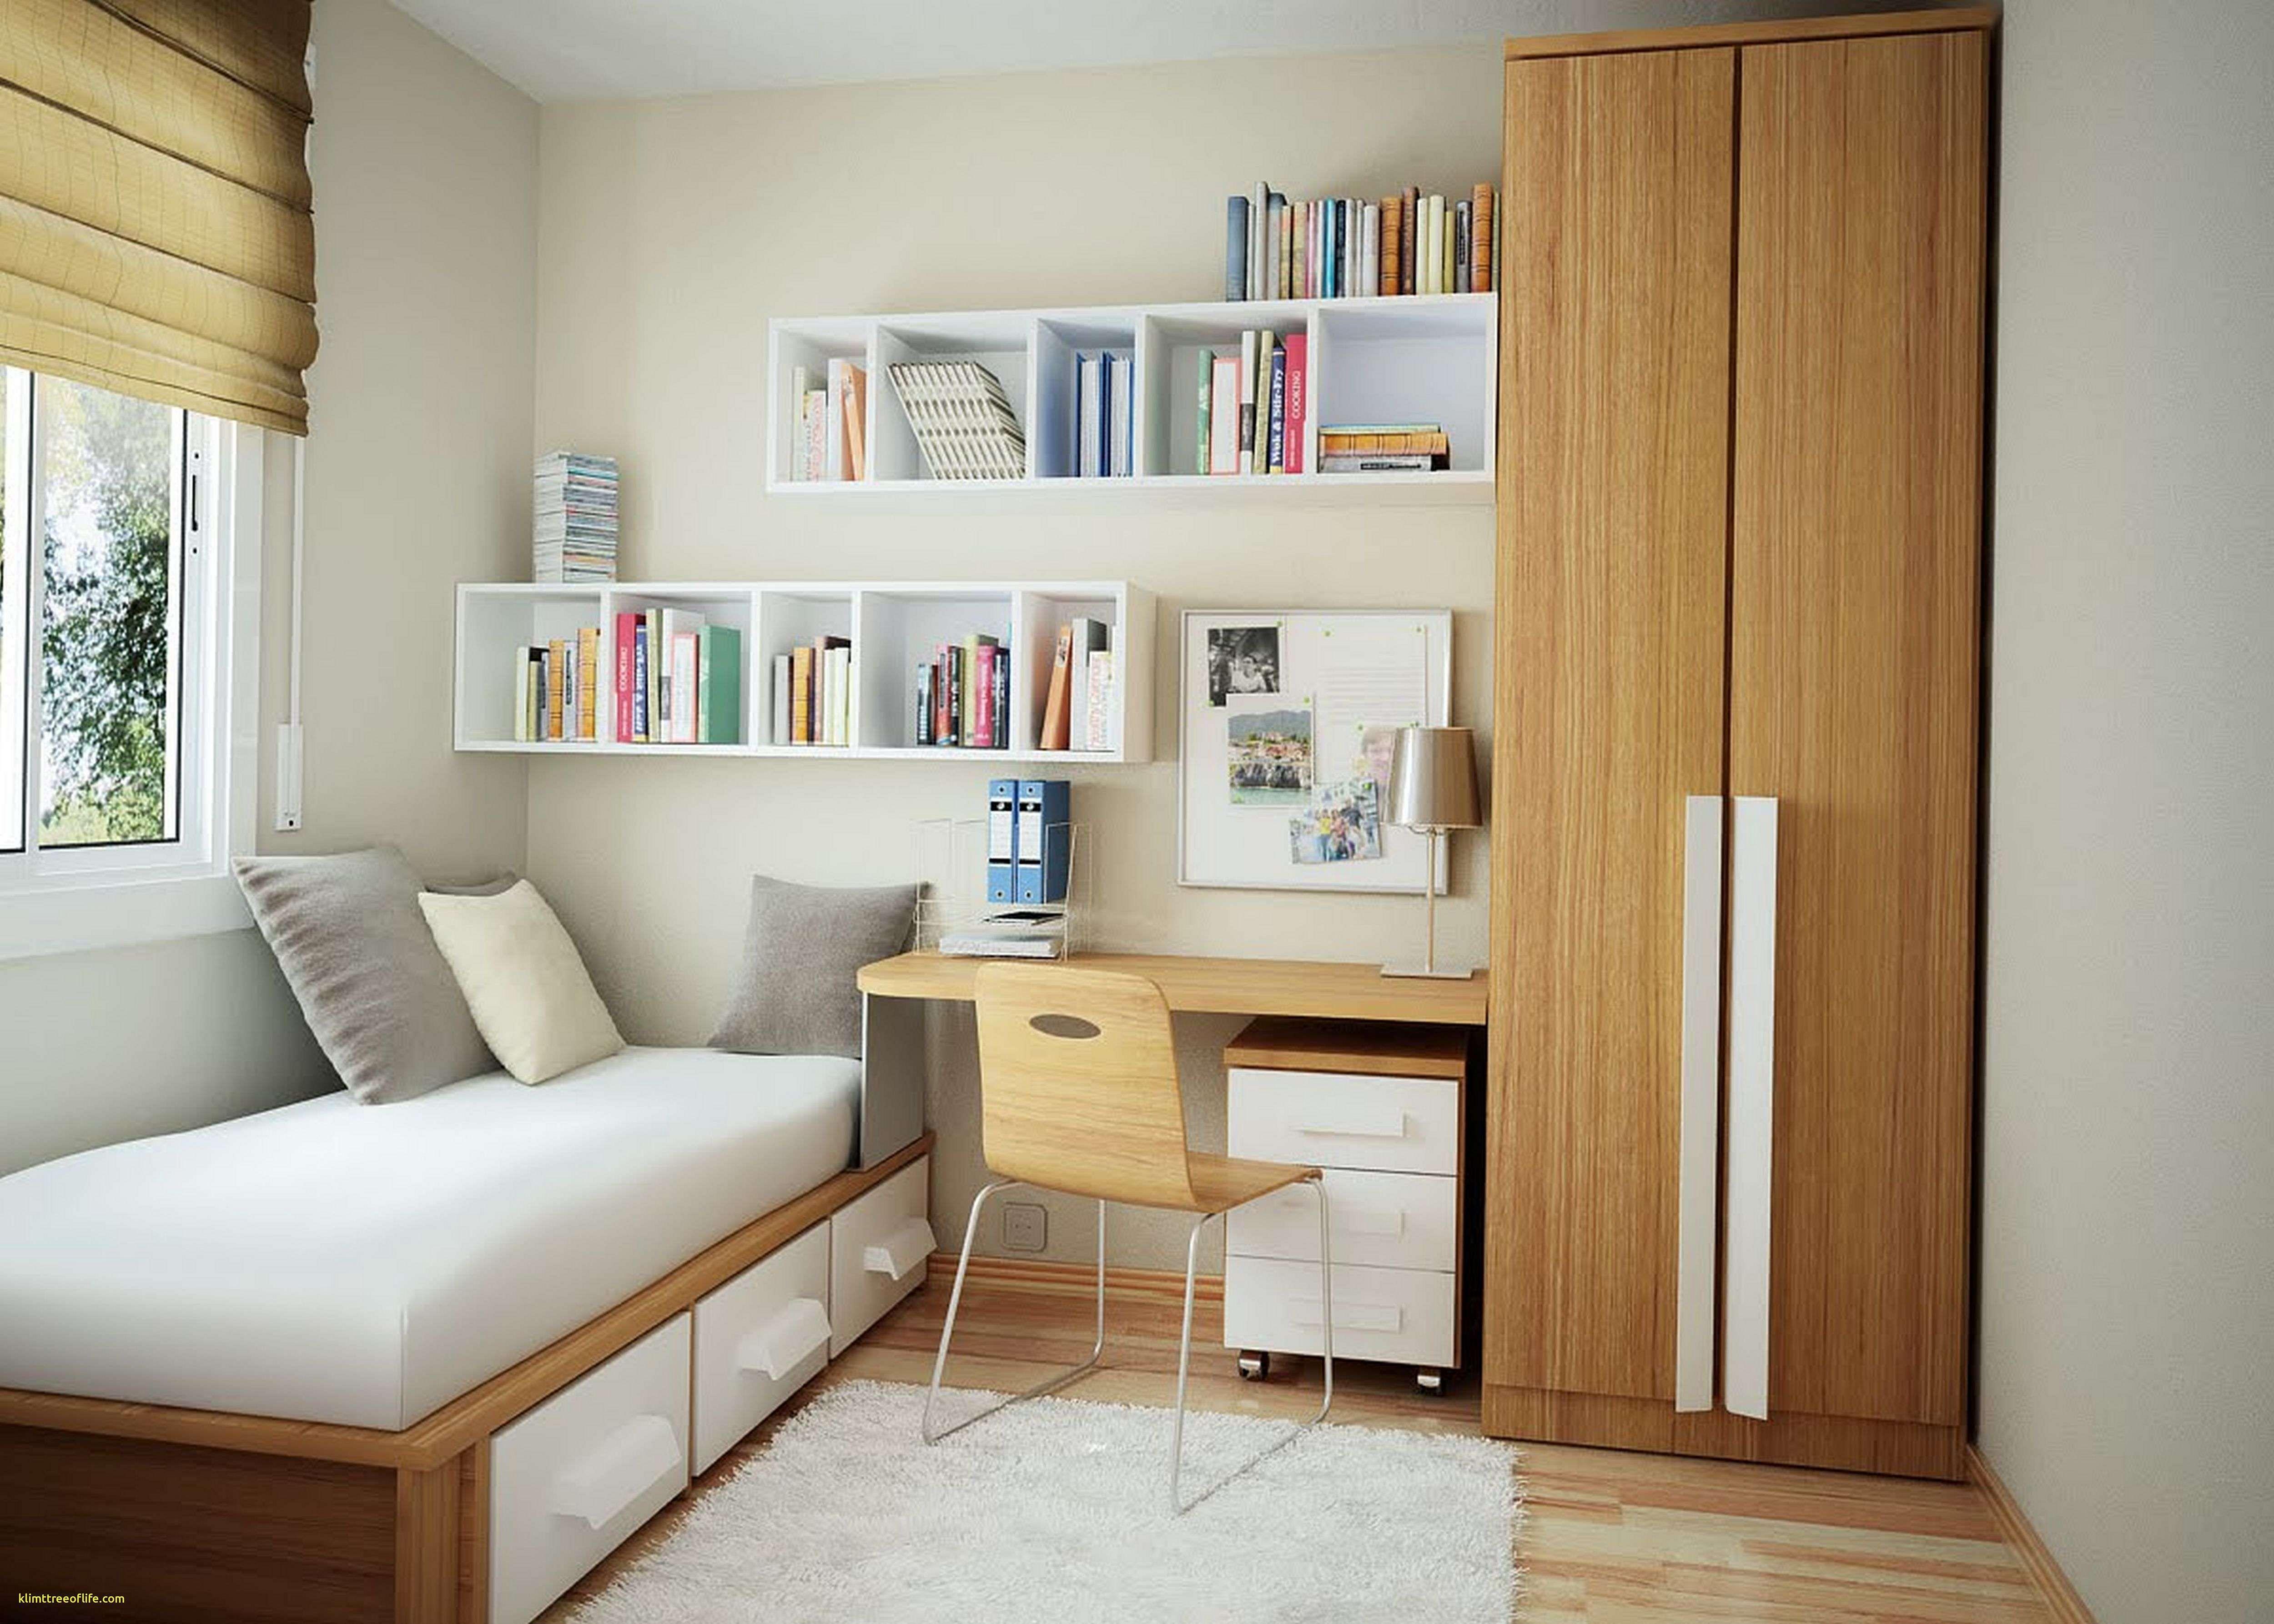 24 Beautiful Minimalist Bedroom Design Ideas For Small Spaces Teracee Simple Bedroom Minimalist Bedroom Design Small Bedroom Decor